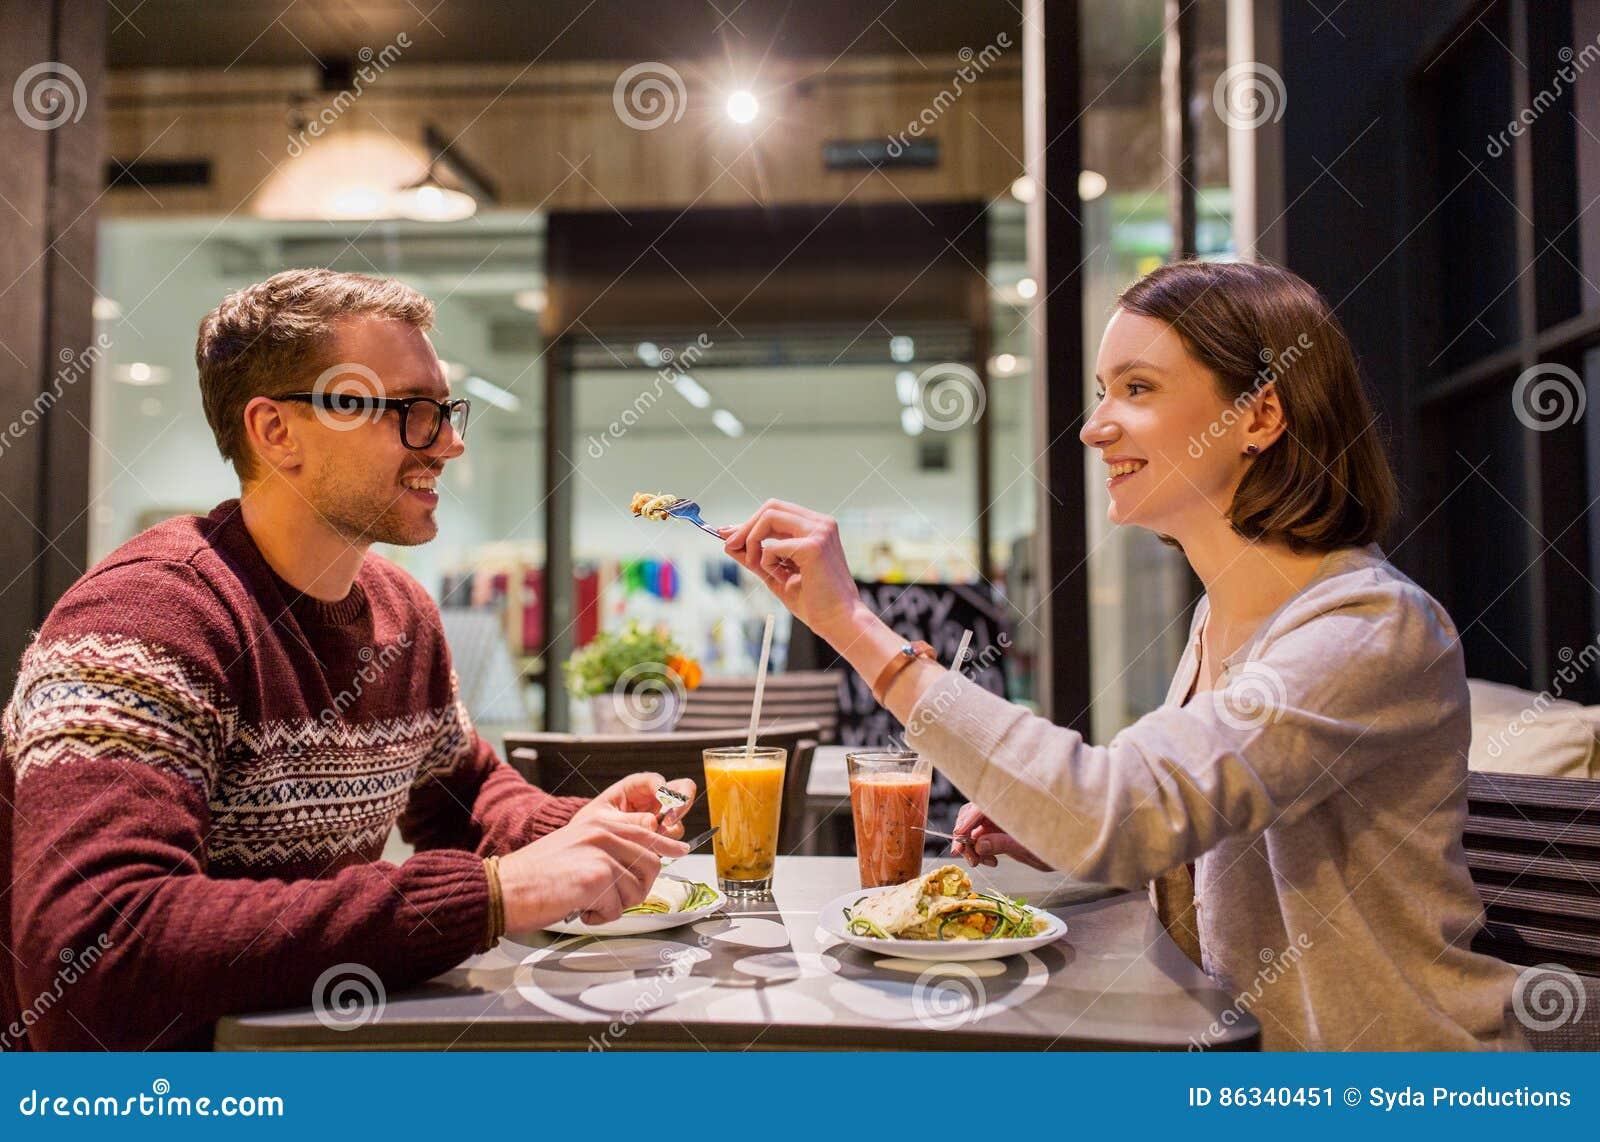 Dating a vegan man